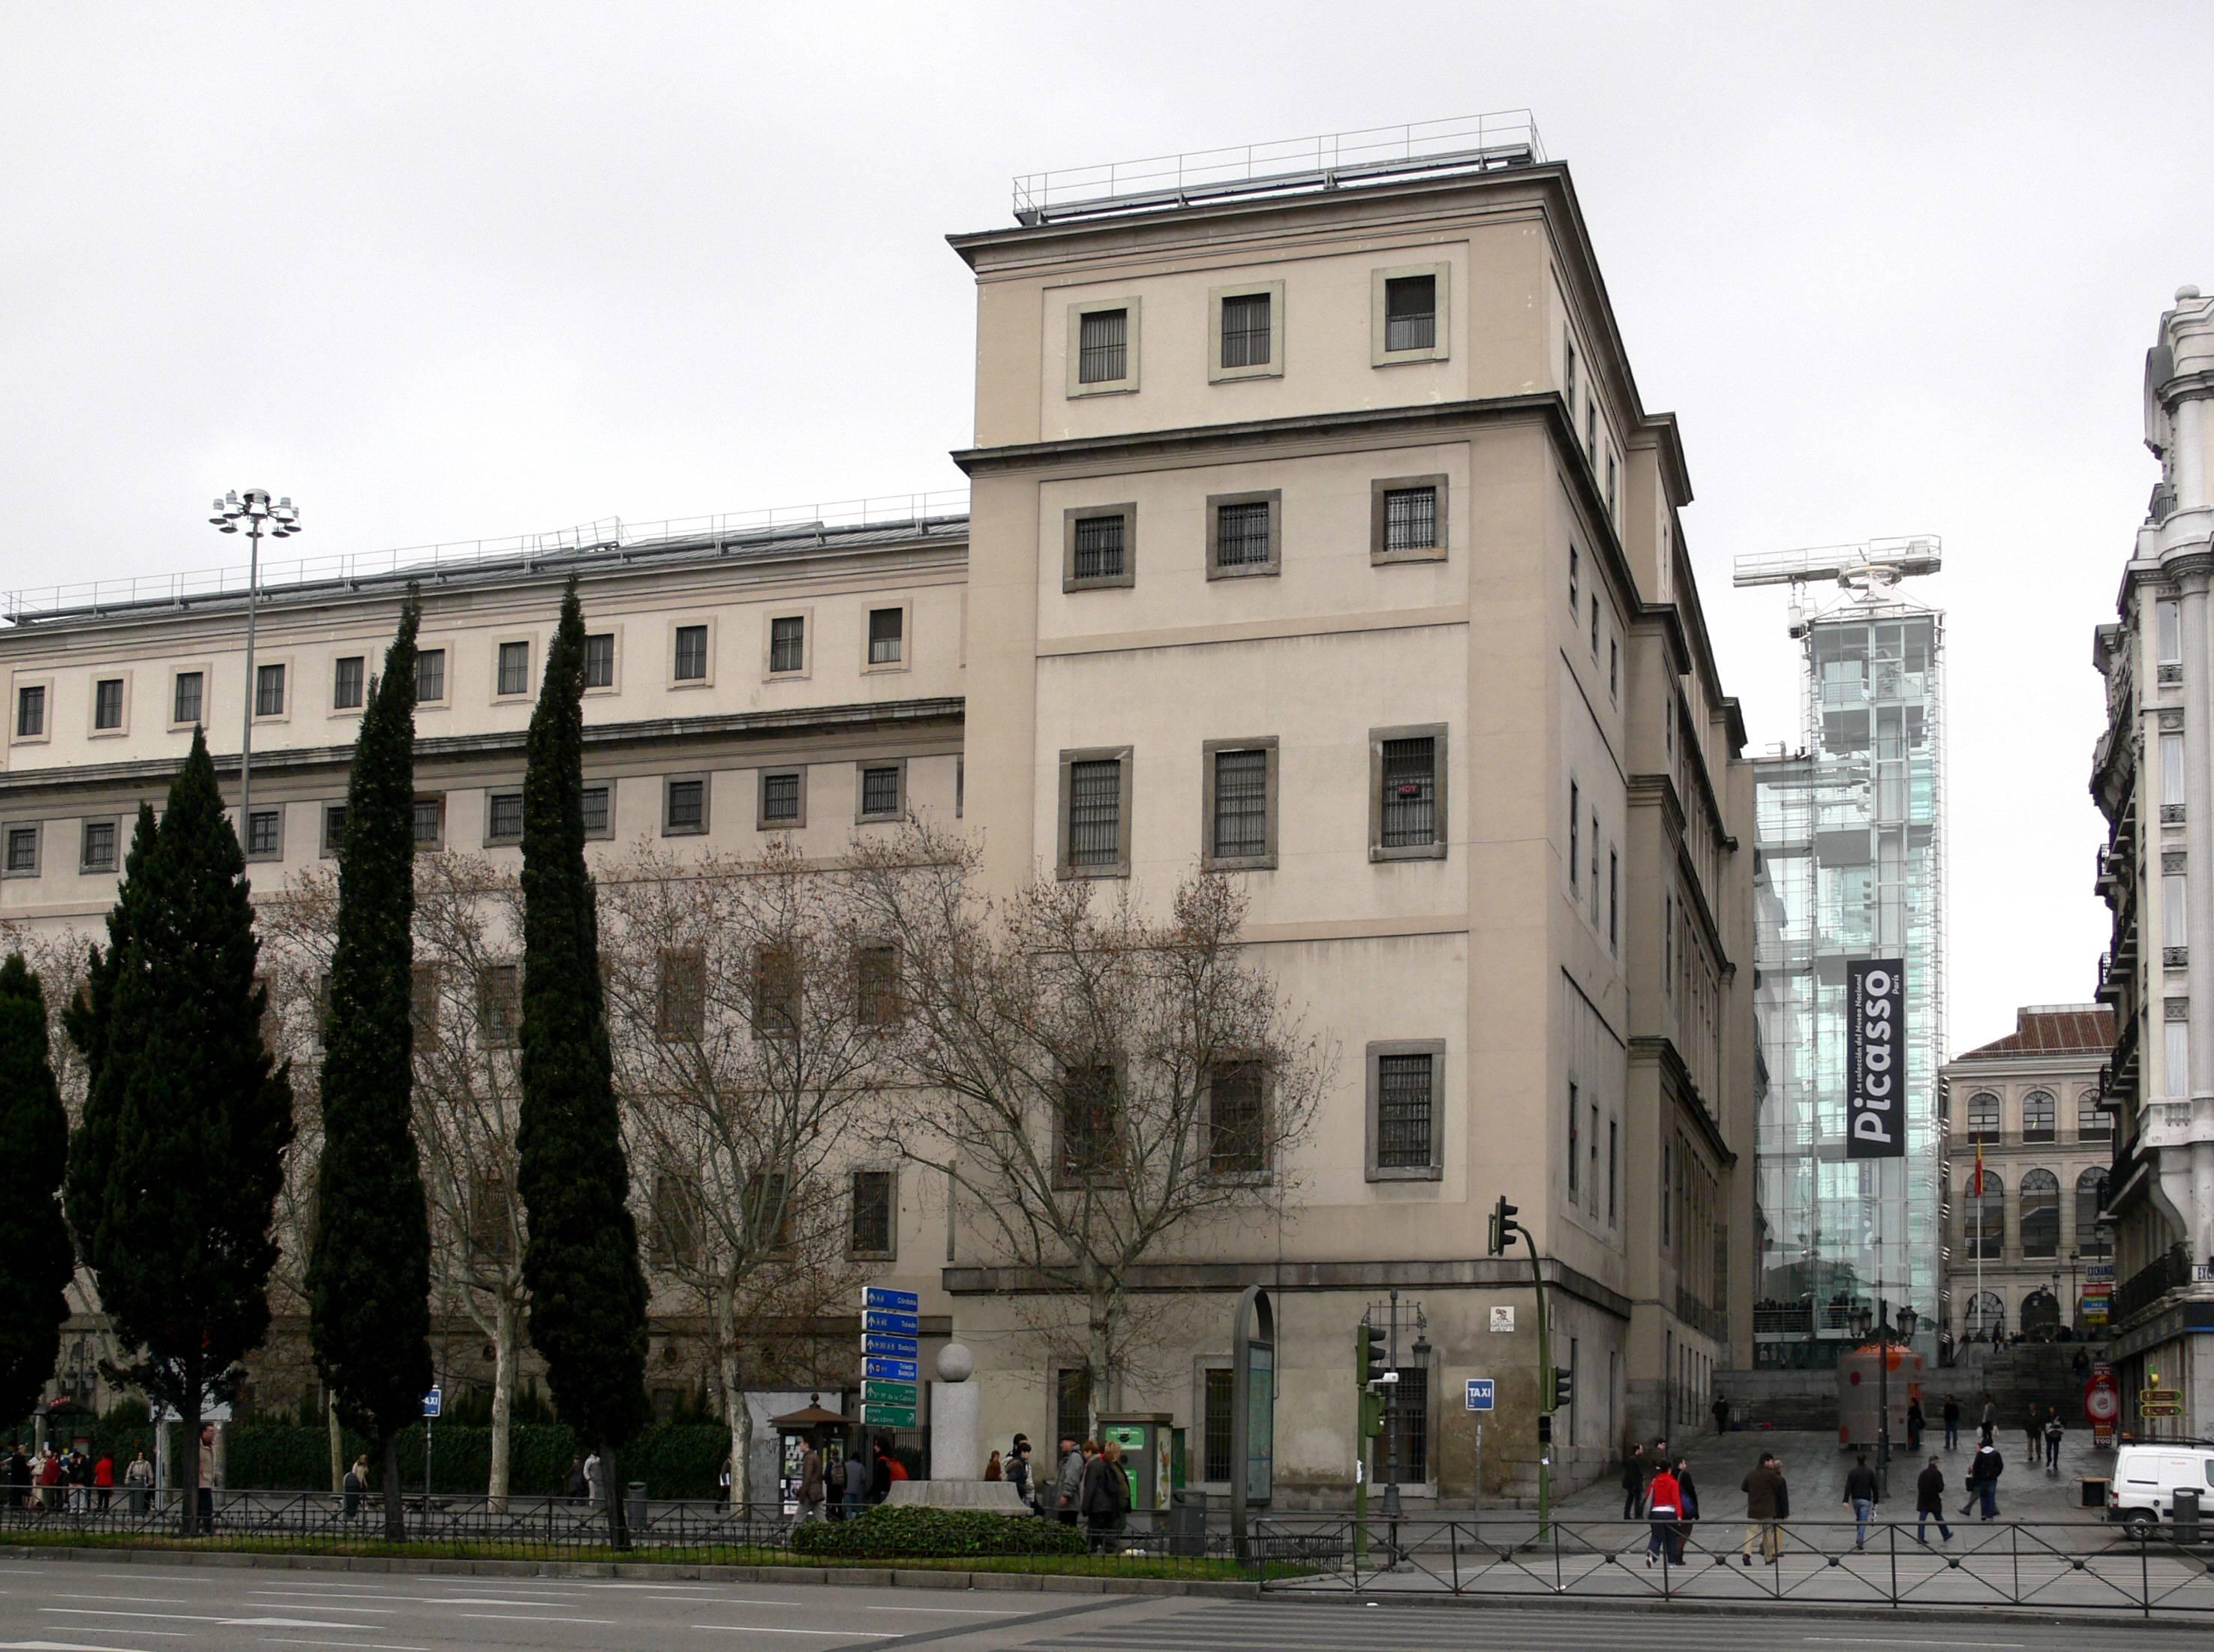 El edificio de Francesco Sabatini que compartieron desde 1781 el Hospital General y el Colegio de Cirugía, actualmente ocupado por el Centro de Arte Reina Sofía. Al fondo, el edificio de Isidro González Velázquez donde se trasladó el Colegio en 1831 que actualmente acoge el Colegio de Médicos de Madrid.